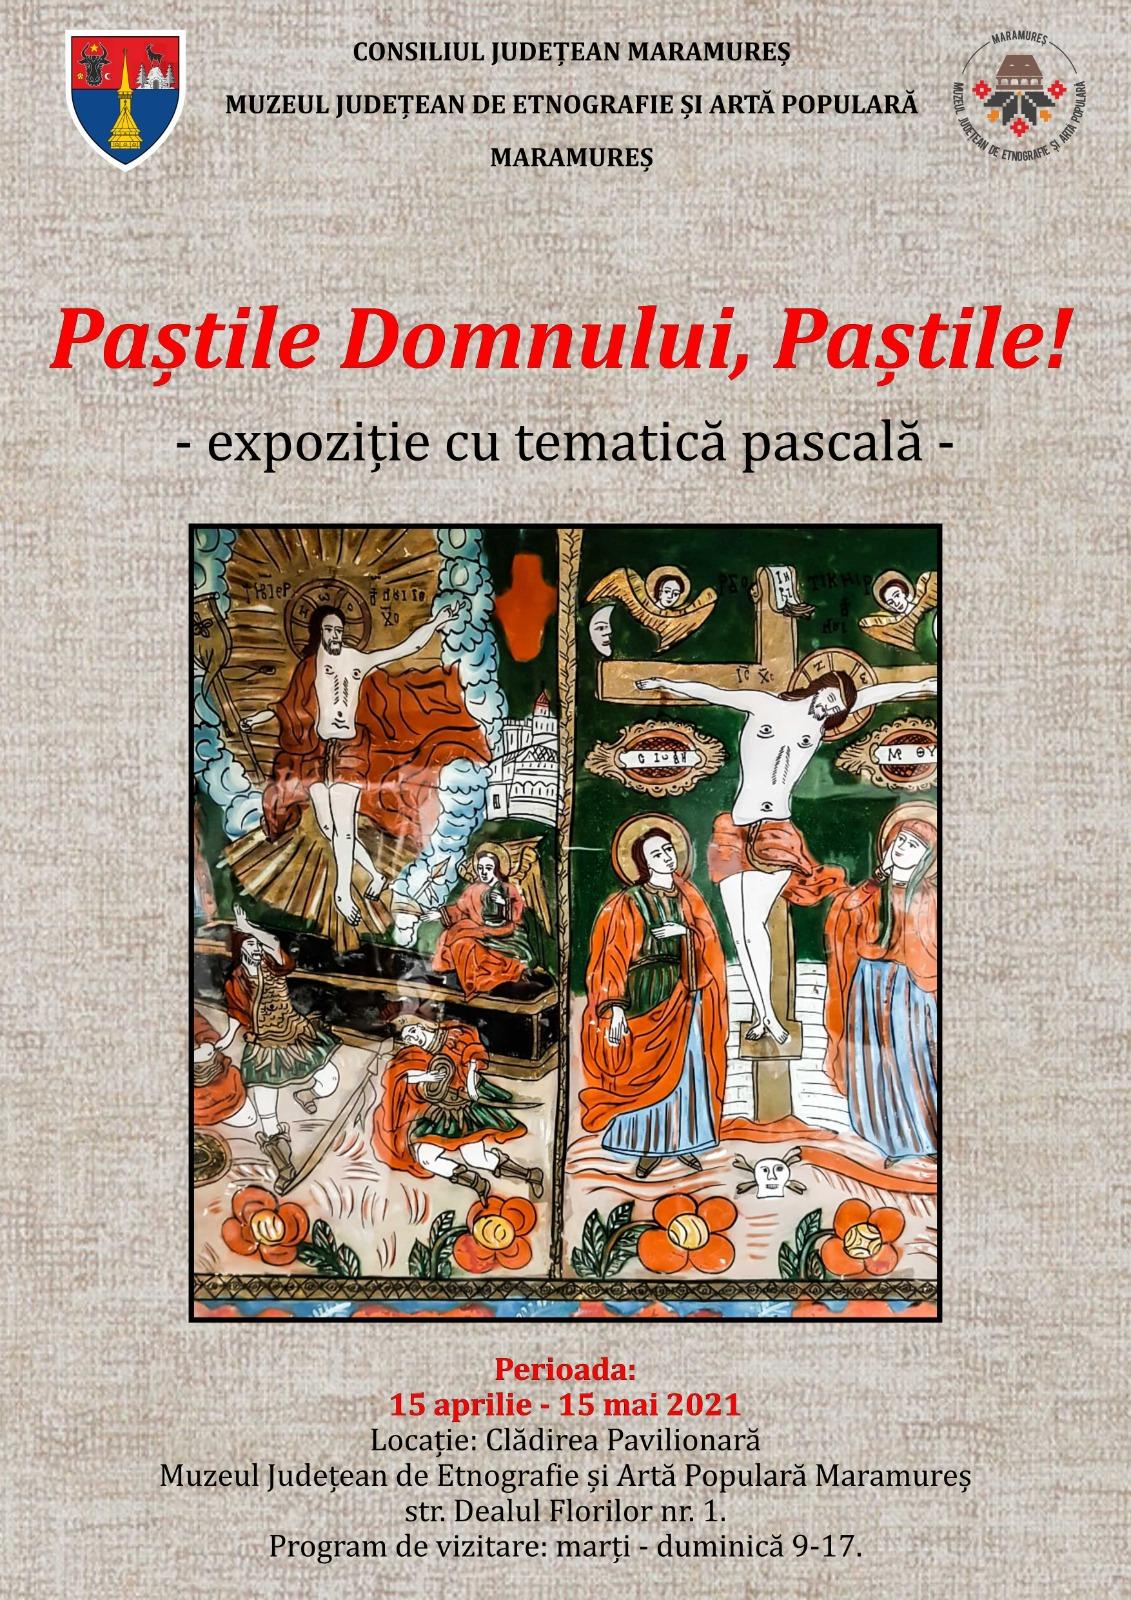 Microexpoziție cu tematică pascală la Muzeul Județean de Etnografie și Artă Populară Maramureș